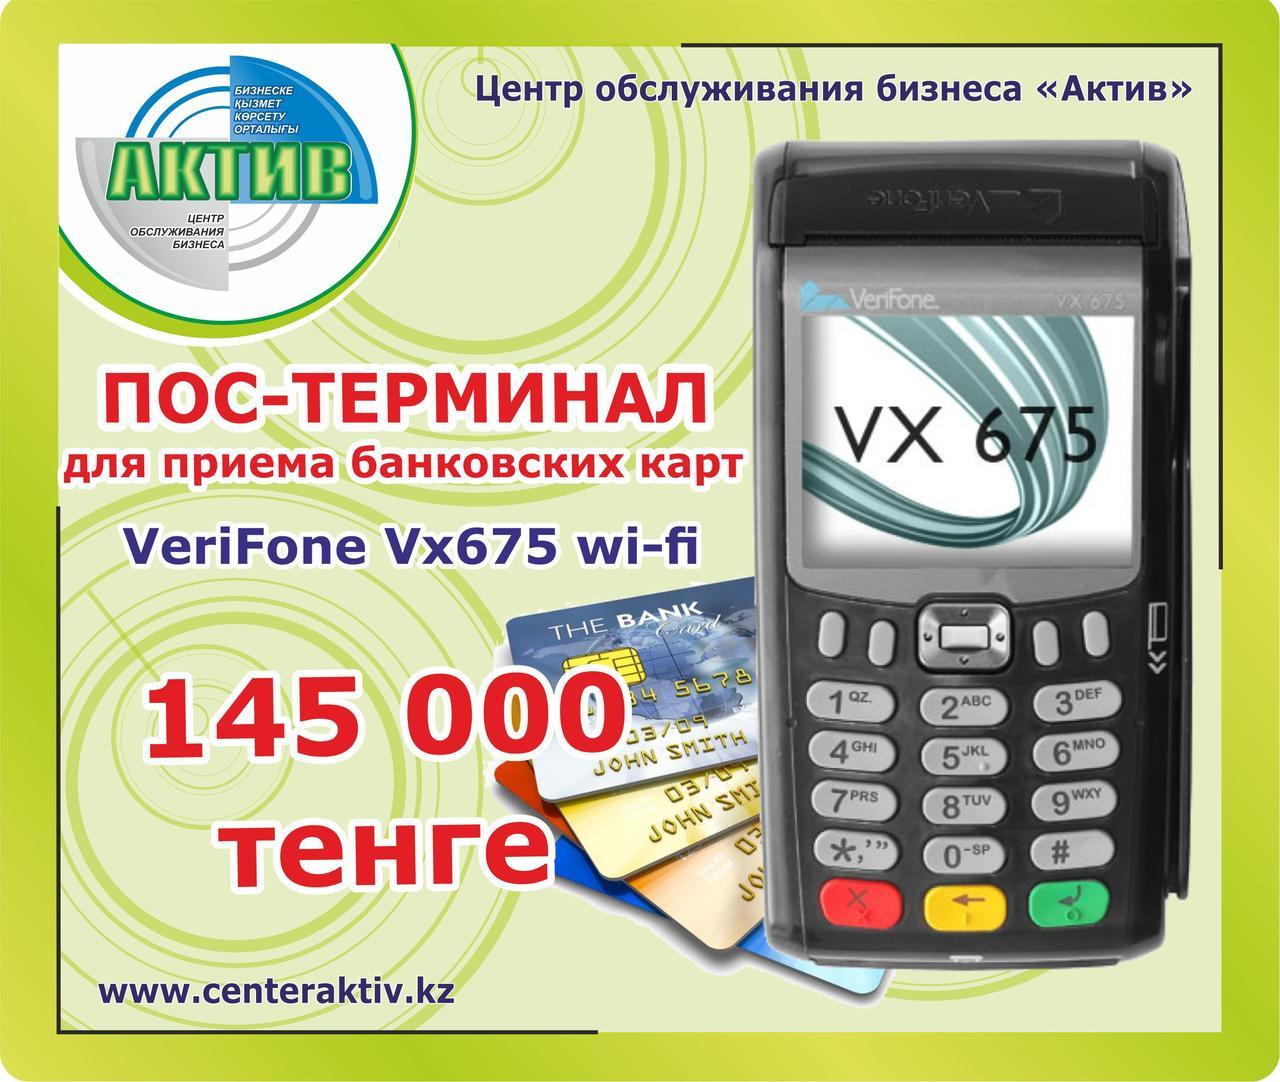 ПОС терминал VERIFONE VX675 WI-FI с поддержкой бесконтактных карт за 145 000 тенге